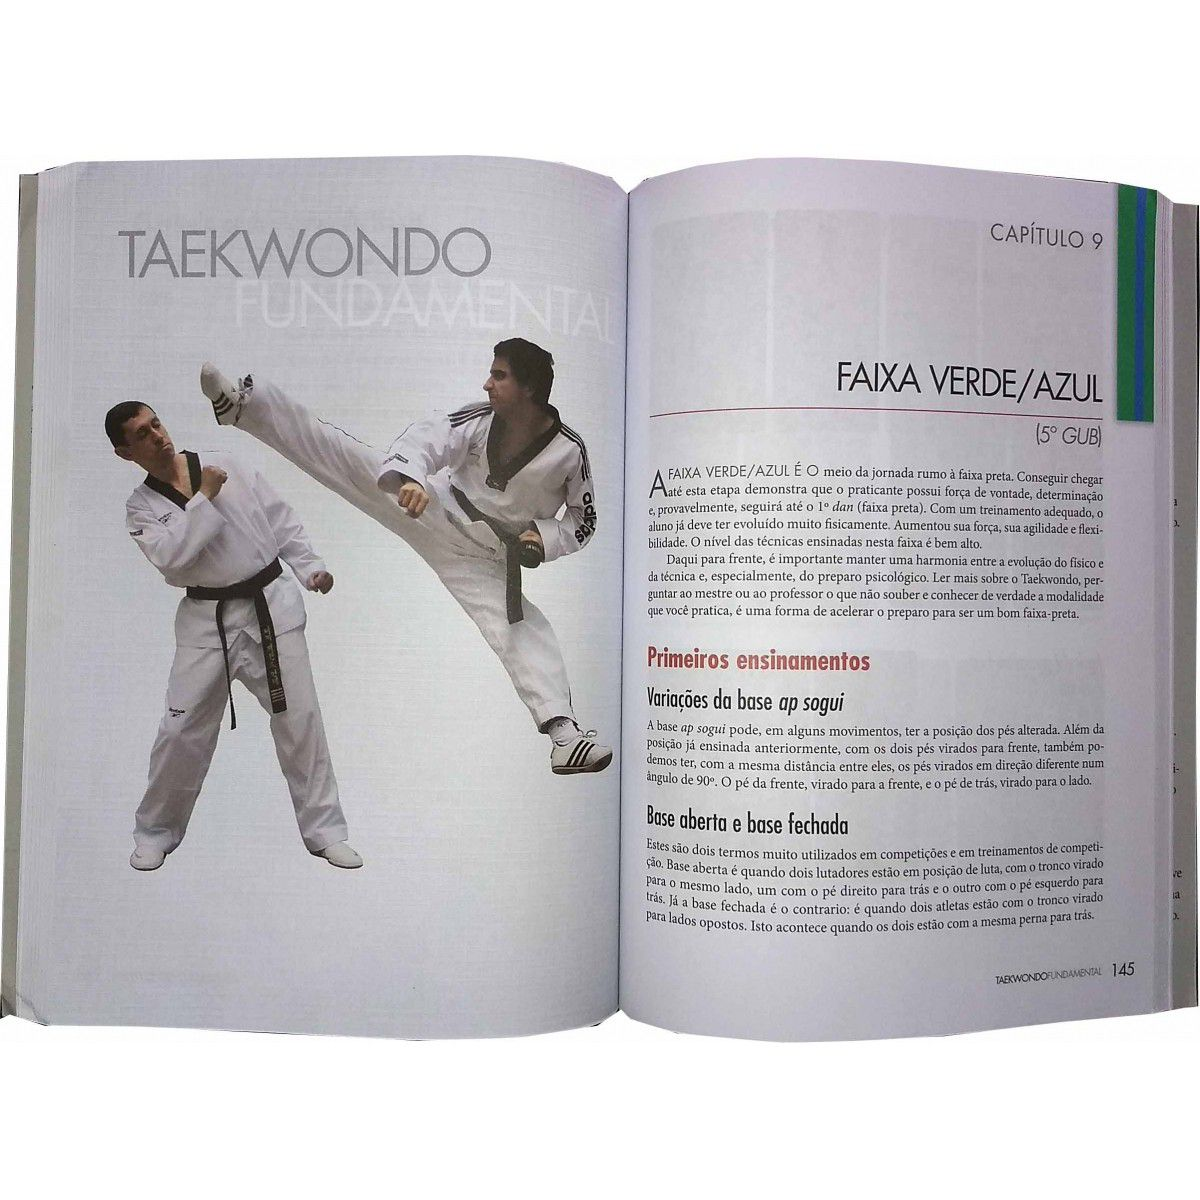 Livro Taekwondo Fundamental - Mestre Carlos Negrão .  - Loja do Competidor